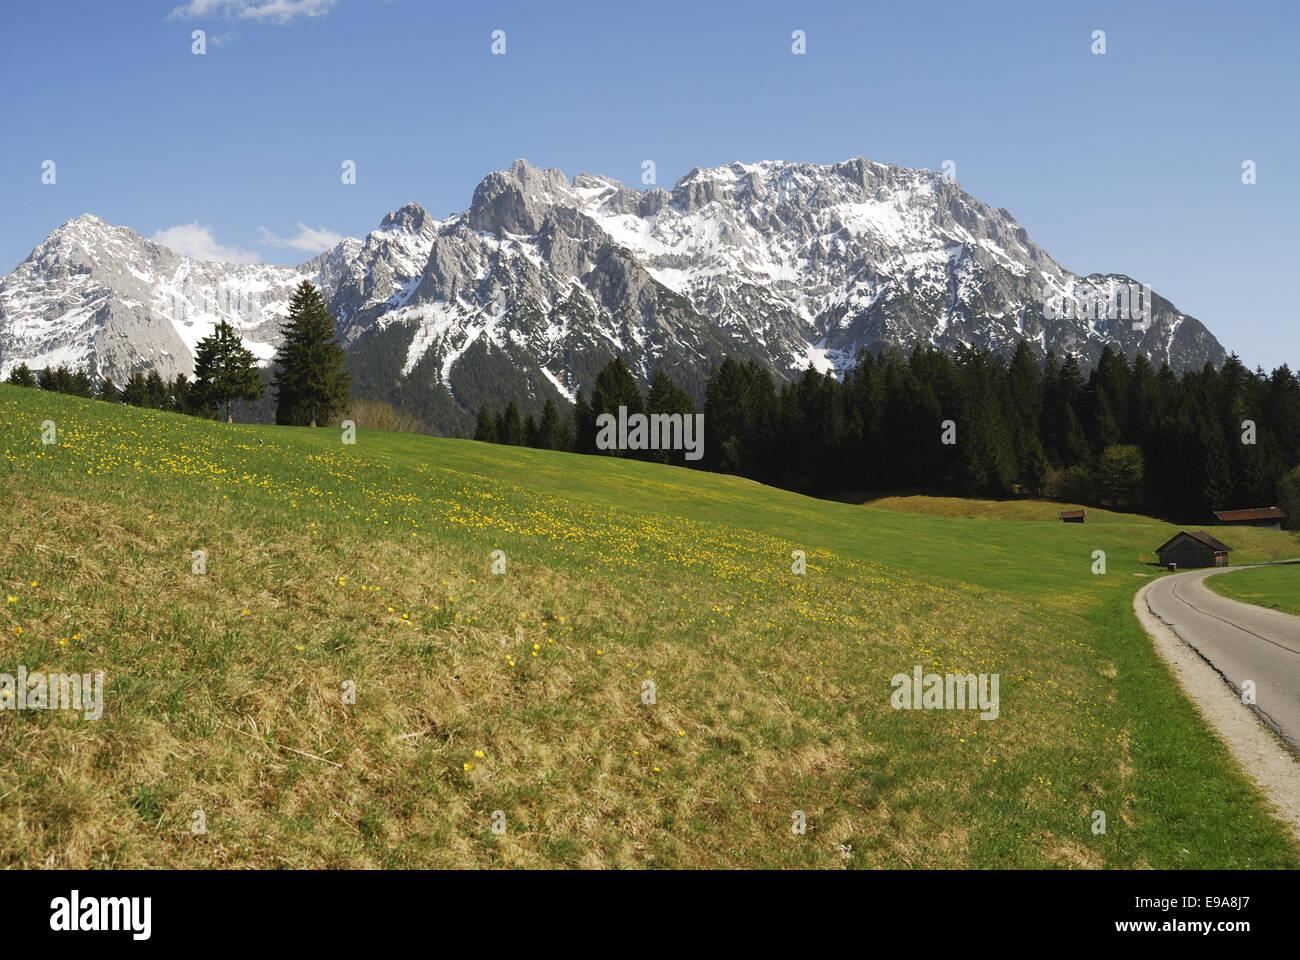 Karwendel mountains - Stock Image